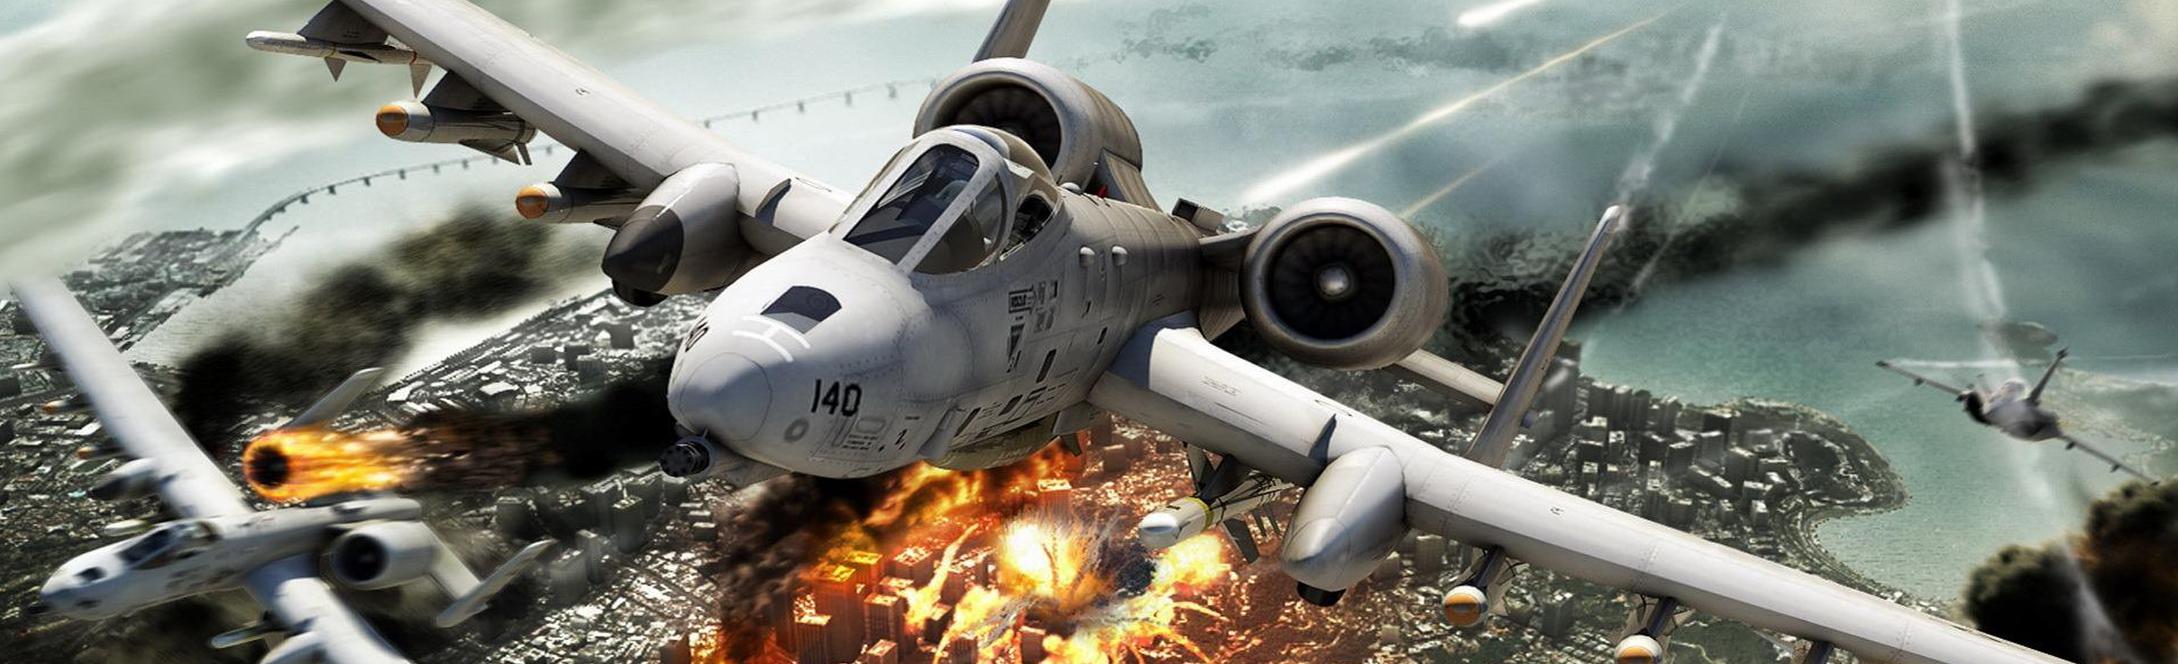 空战单机游戏